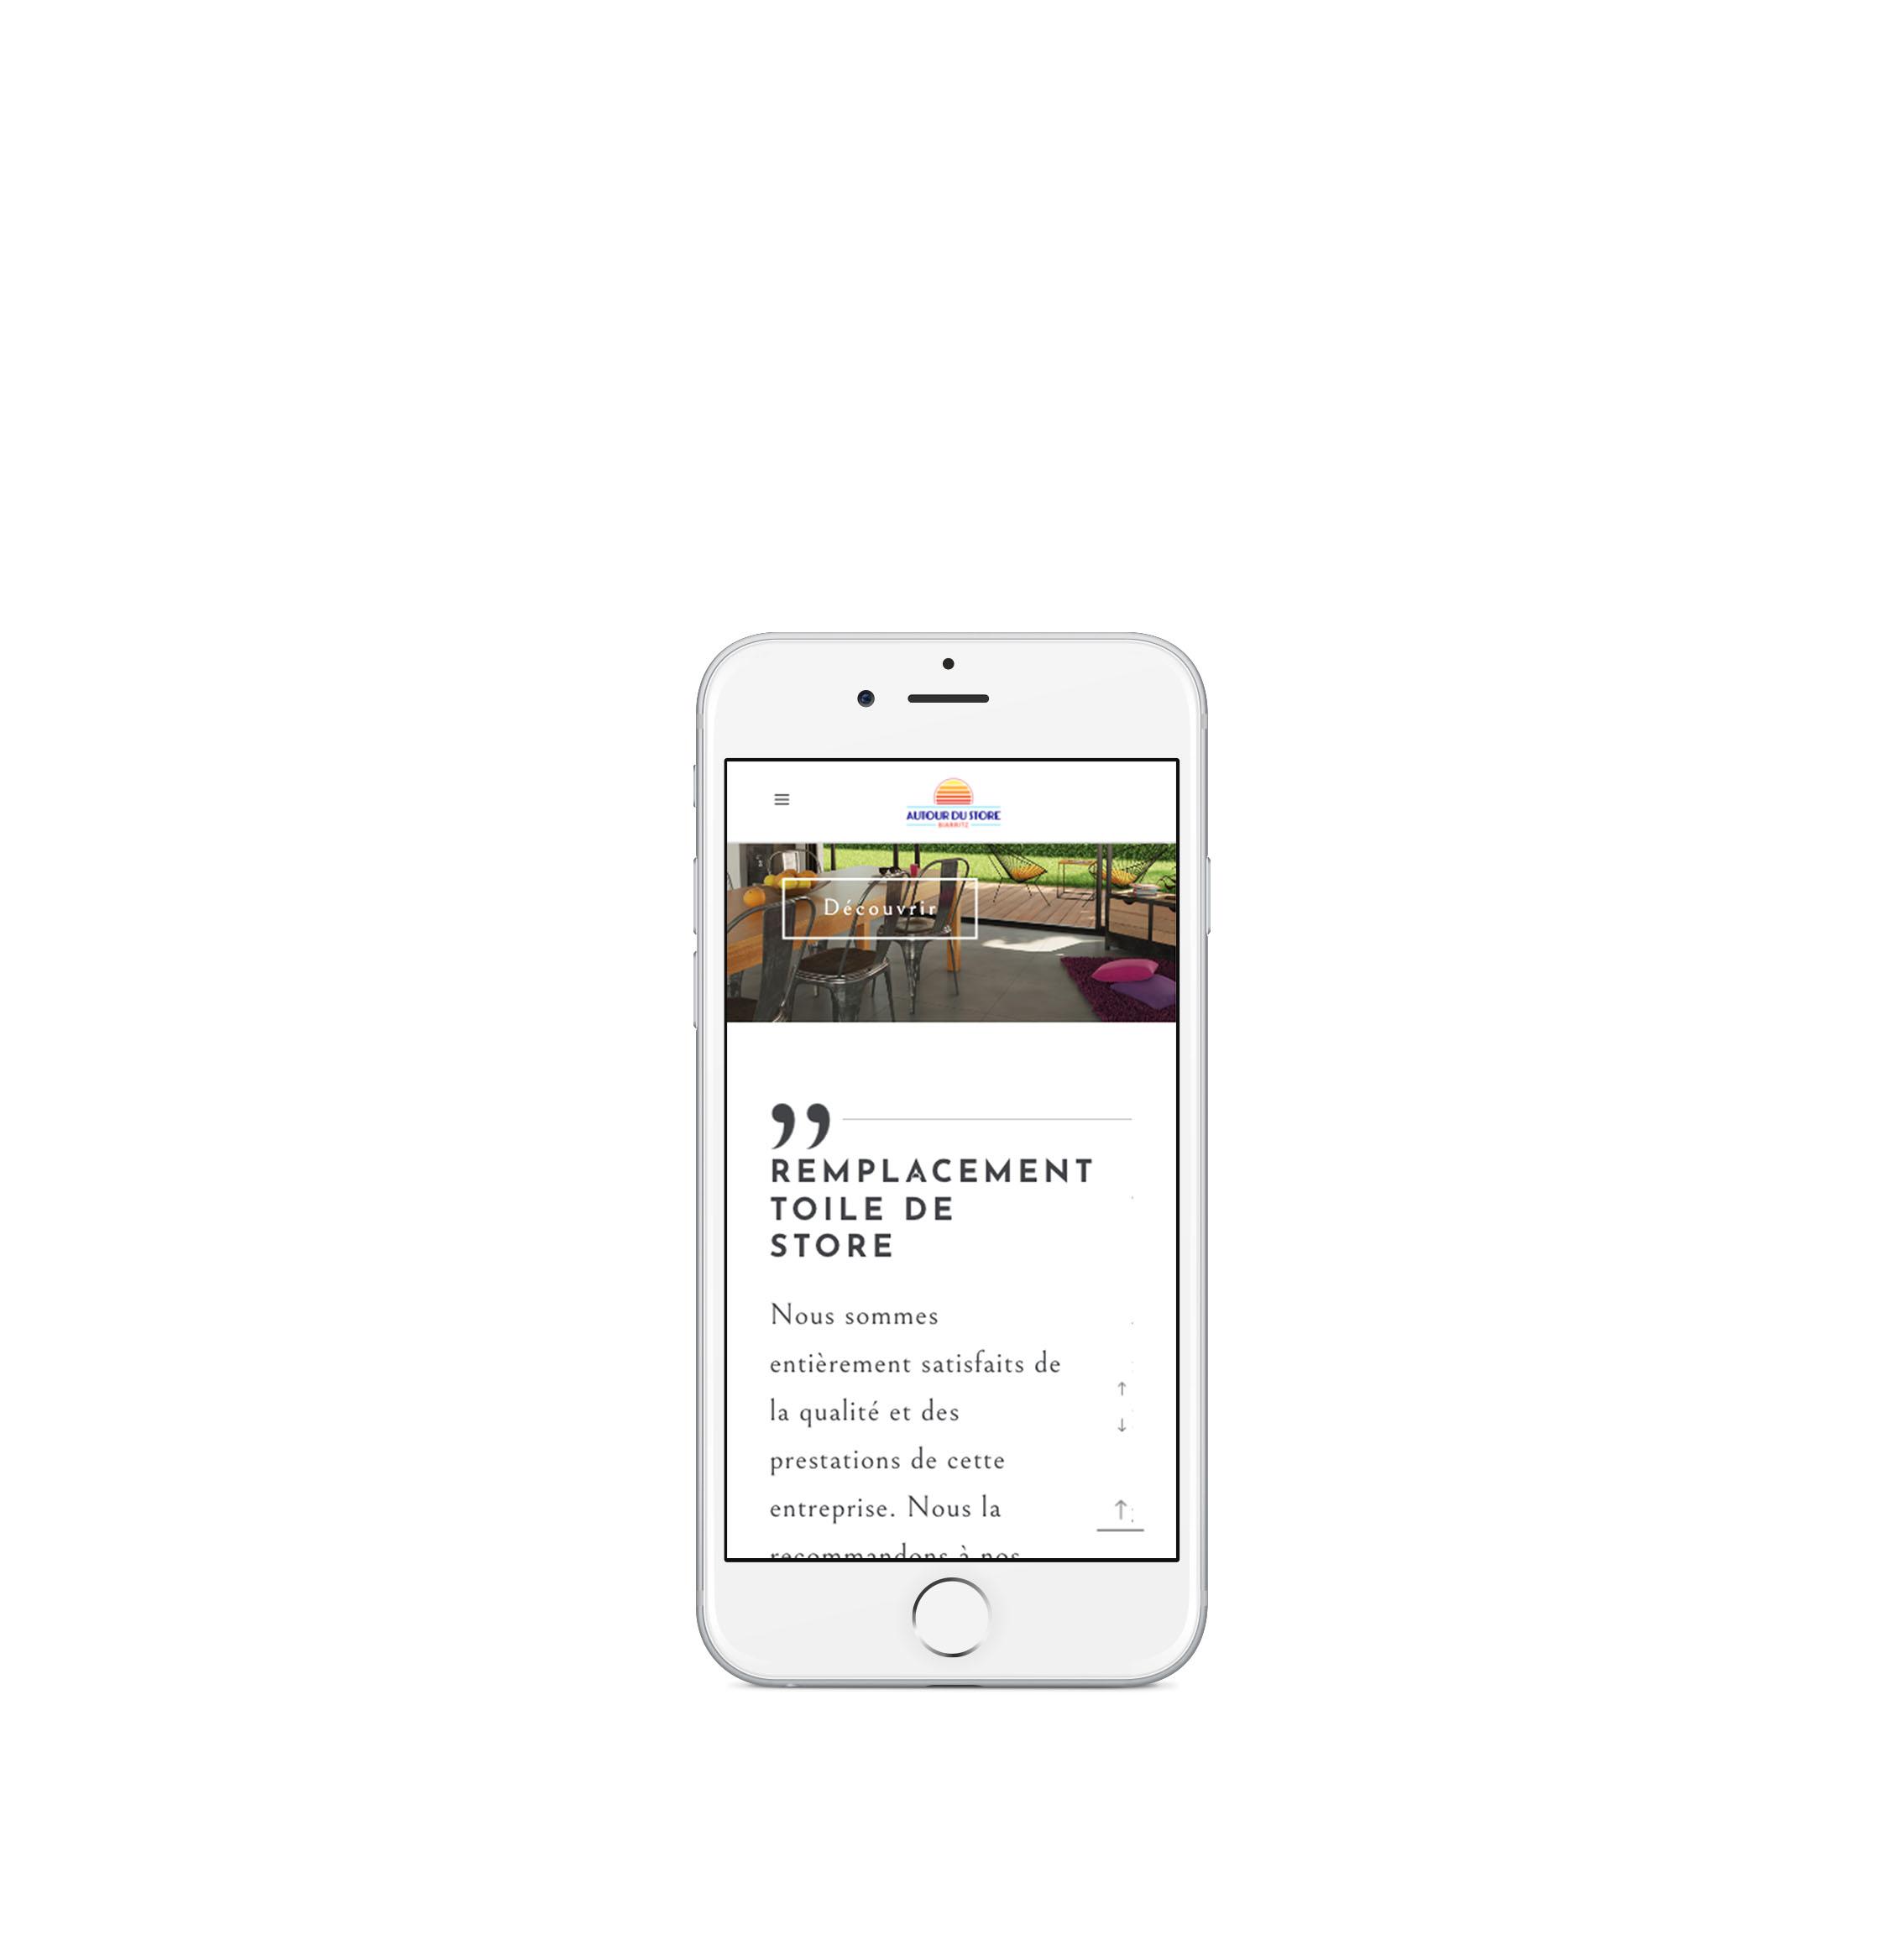 refonte-site-internet-version-mobile-autour-du-store-pays-basque